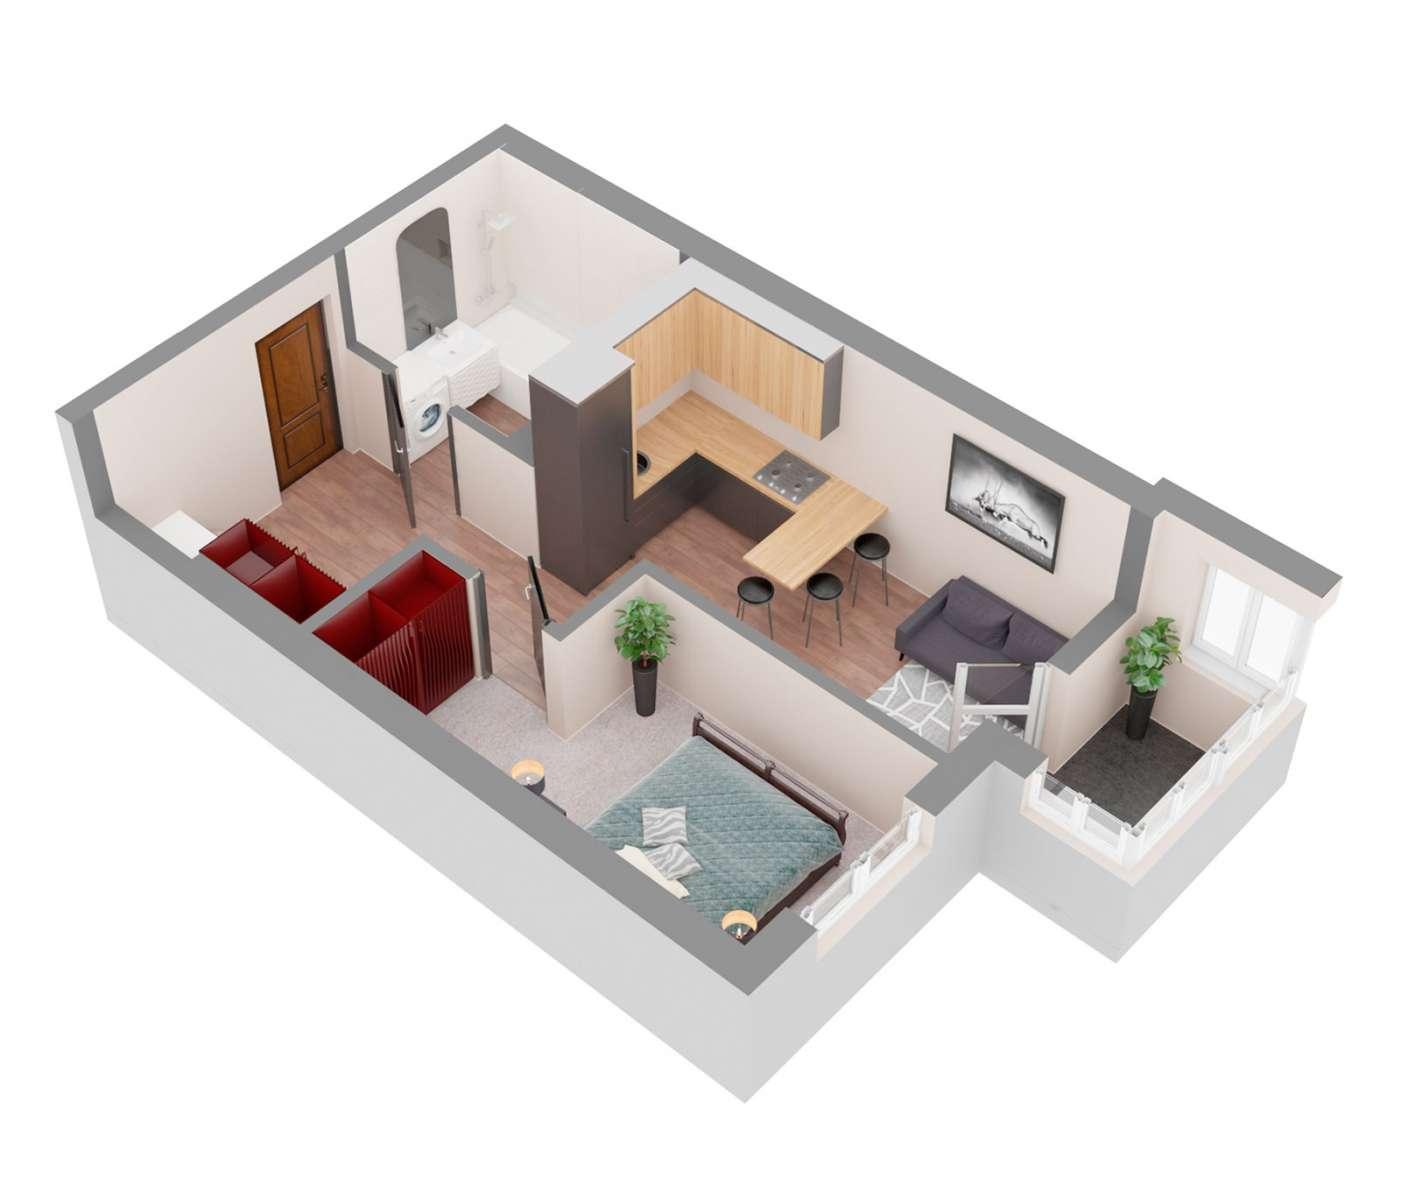 Продажа новая однокомнатная квартира планировка 1К от застройщика в ЖК 4U улица Наумова Киев. Агентство недвижимости